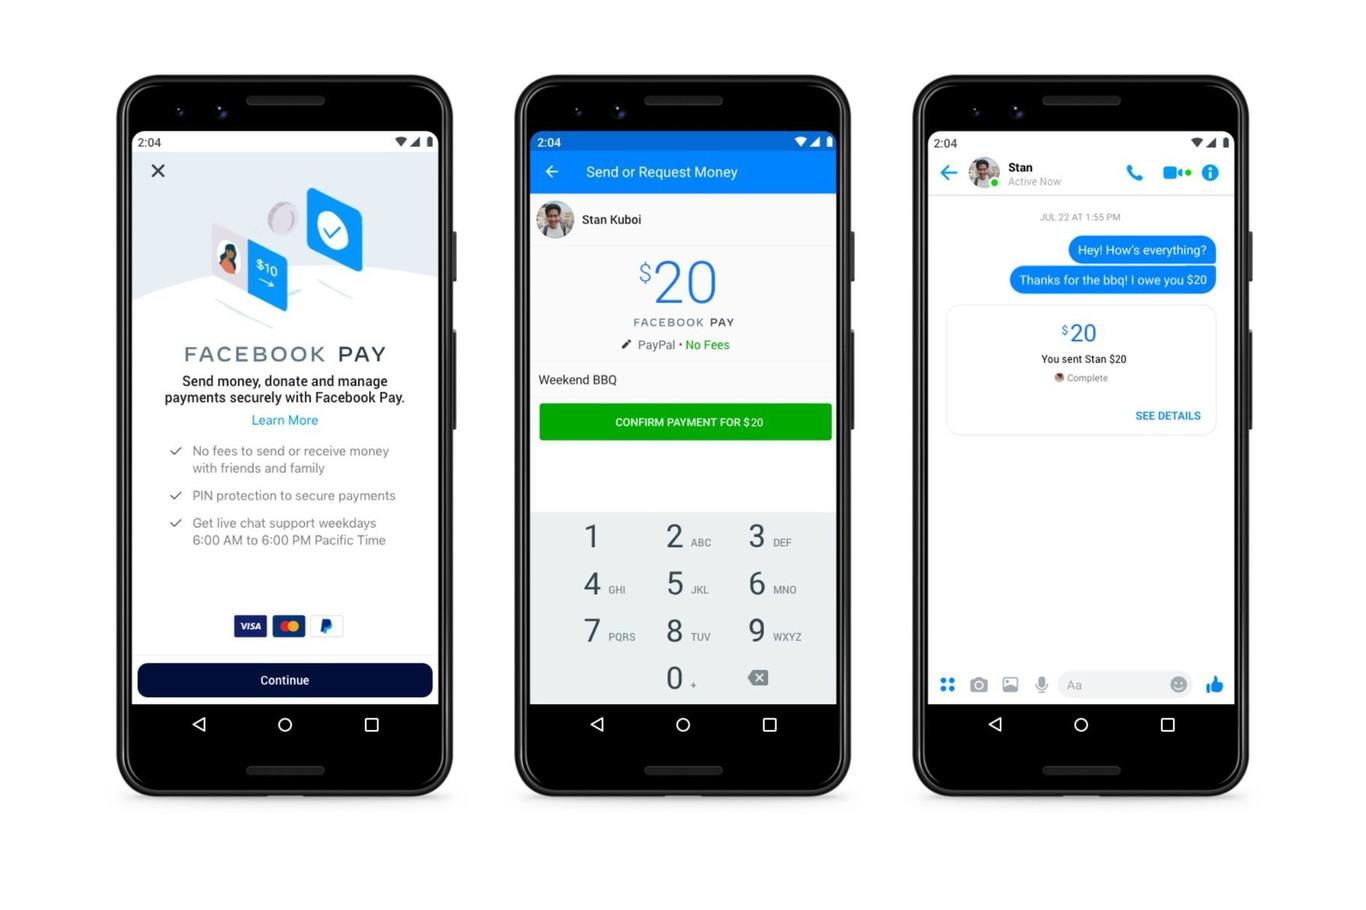 Facebook Pay annoncé : voici le nouveau moyen de paiement pour Messenger, Instagram et WhatsApp